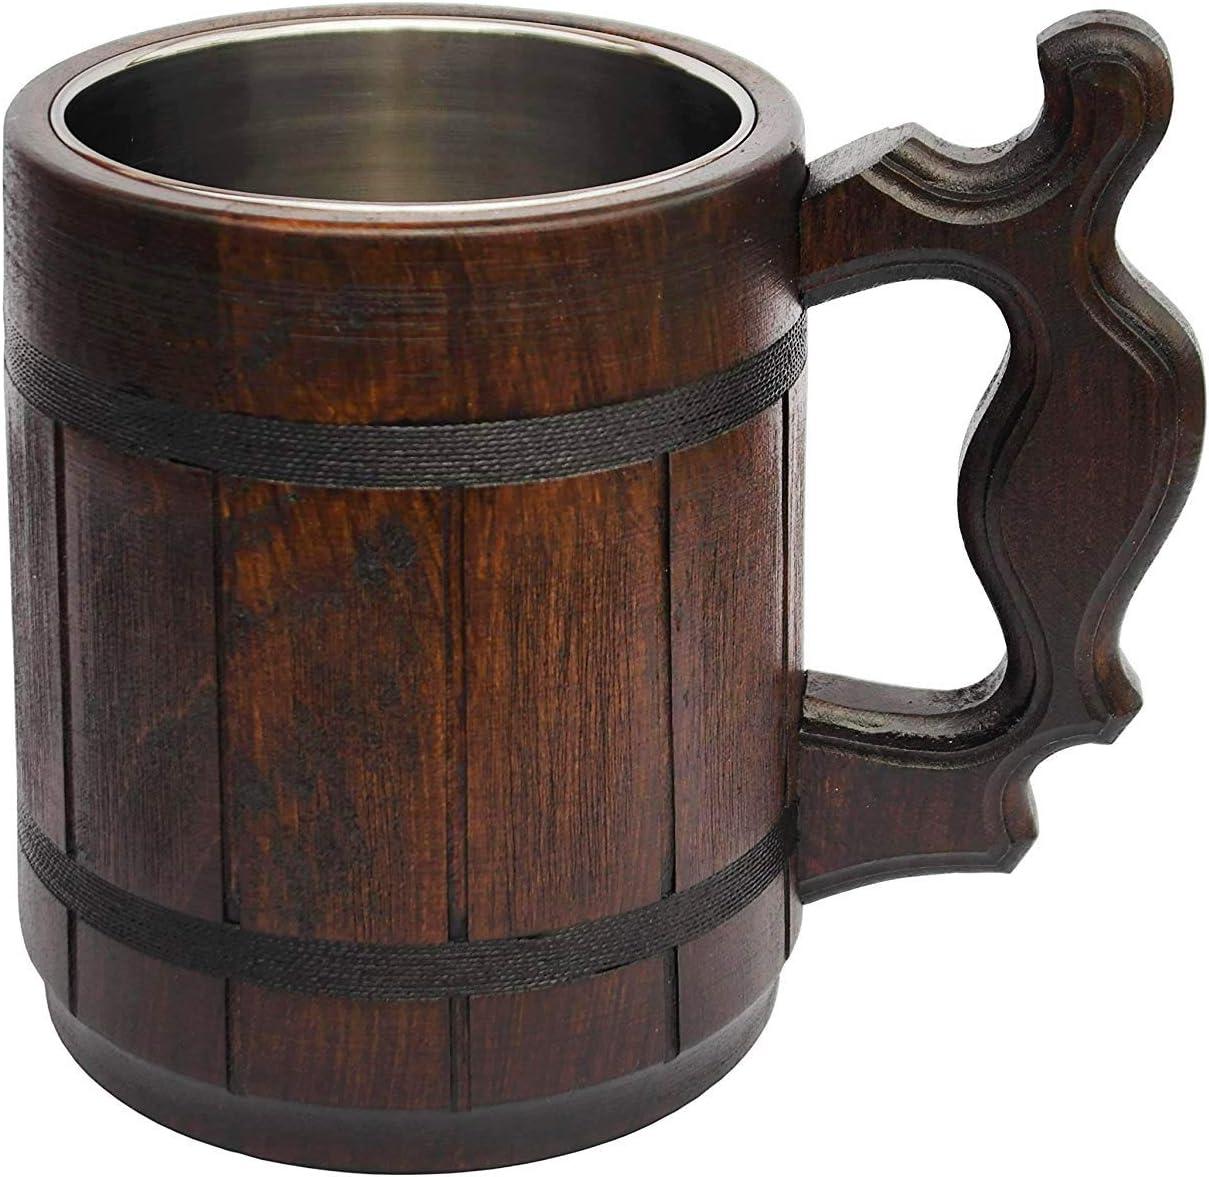 Wood Carving Beer Mug of Wood Great Beer Gift Ideas Wooden Beer Tankard for Men Capacity 20oz Handmade Beer Mug Oak Wood Stainless Steel Cup Carved Natural Beer Stein Old-Fashioned Brown 600ml